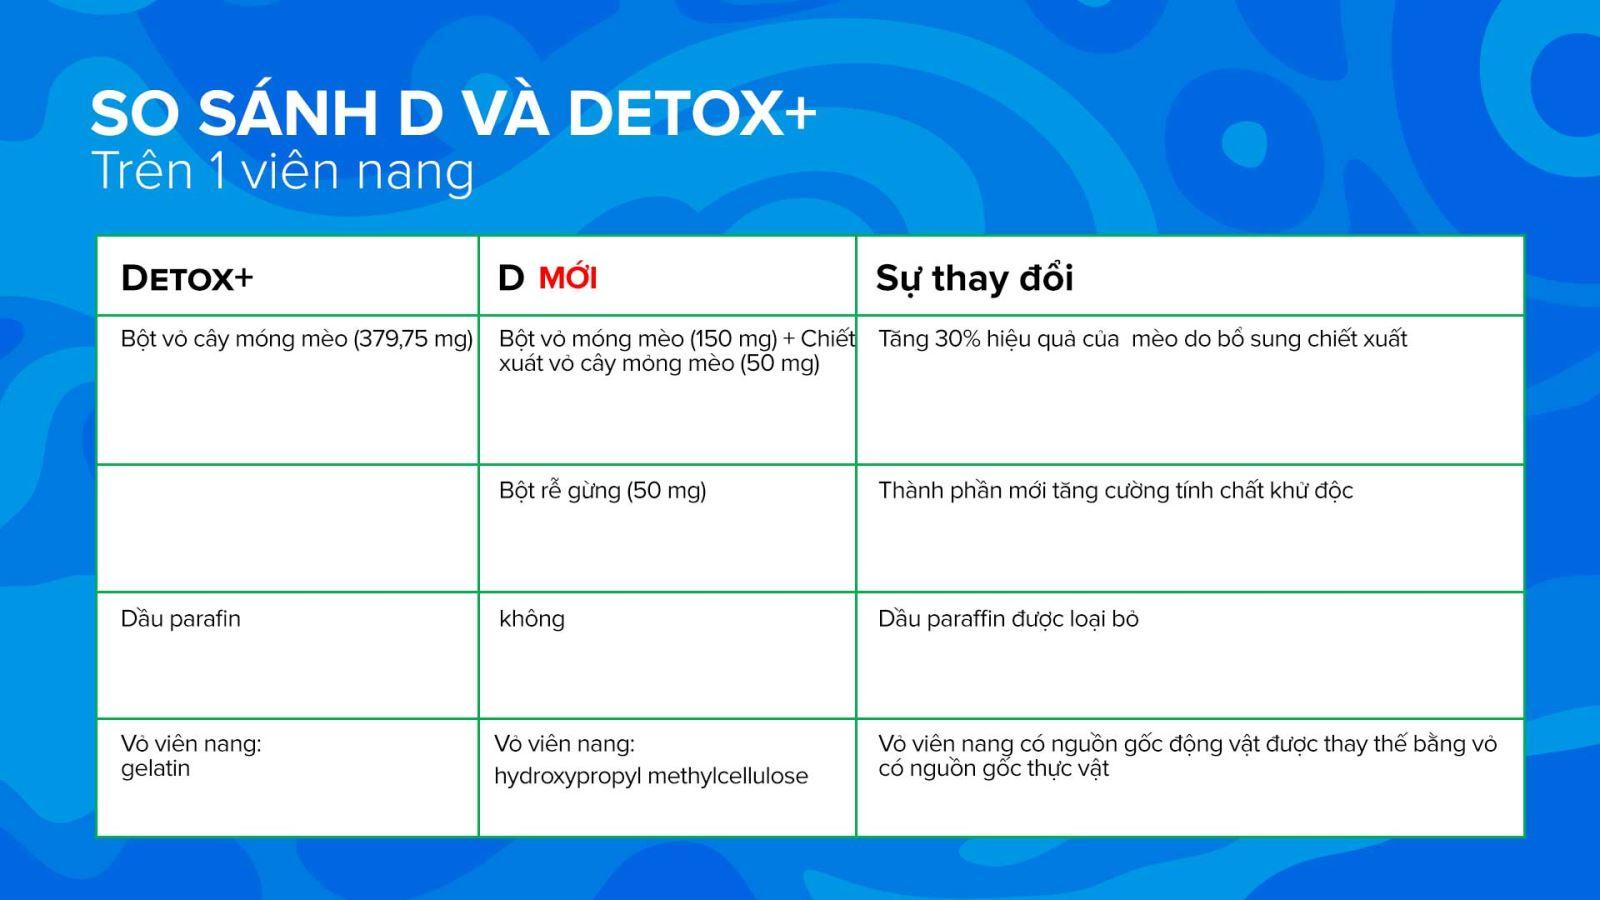 Bảng so sánh thành phần sản phẩm D và Detox+